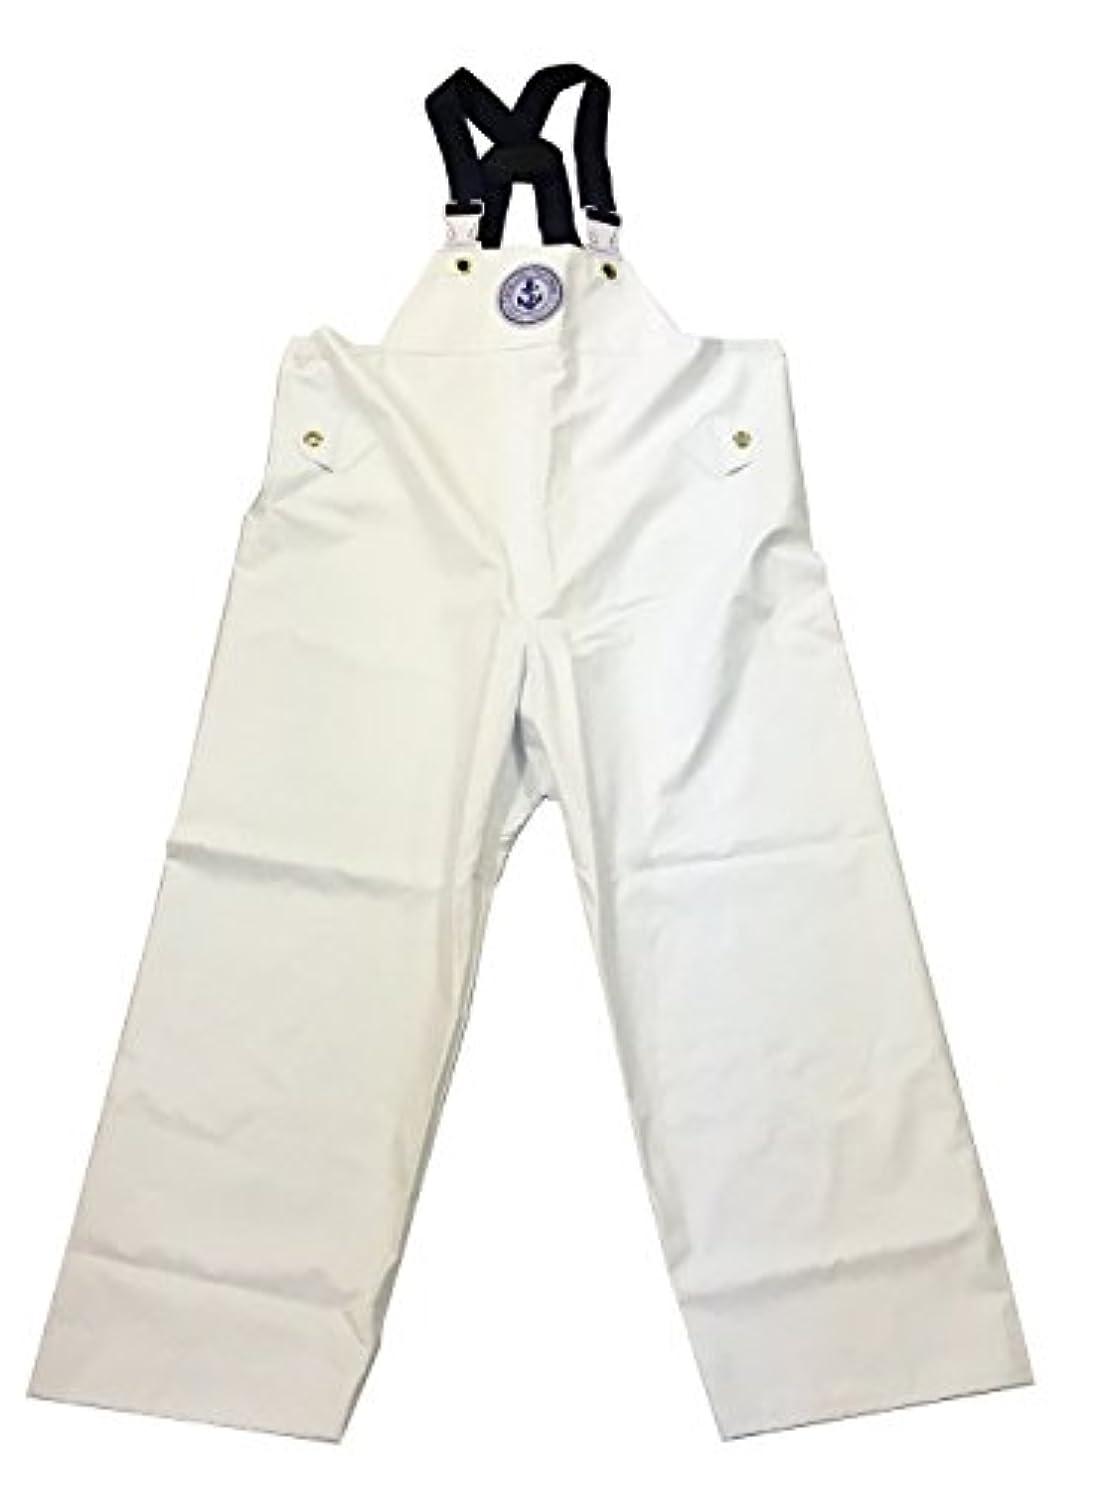 座標ミリメートル流行しているKURAHUTERU(クラフテル) イカリ印 フィッシャーマン レインウエアー 胸付ズボン 5L 白 11EA146